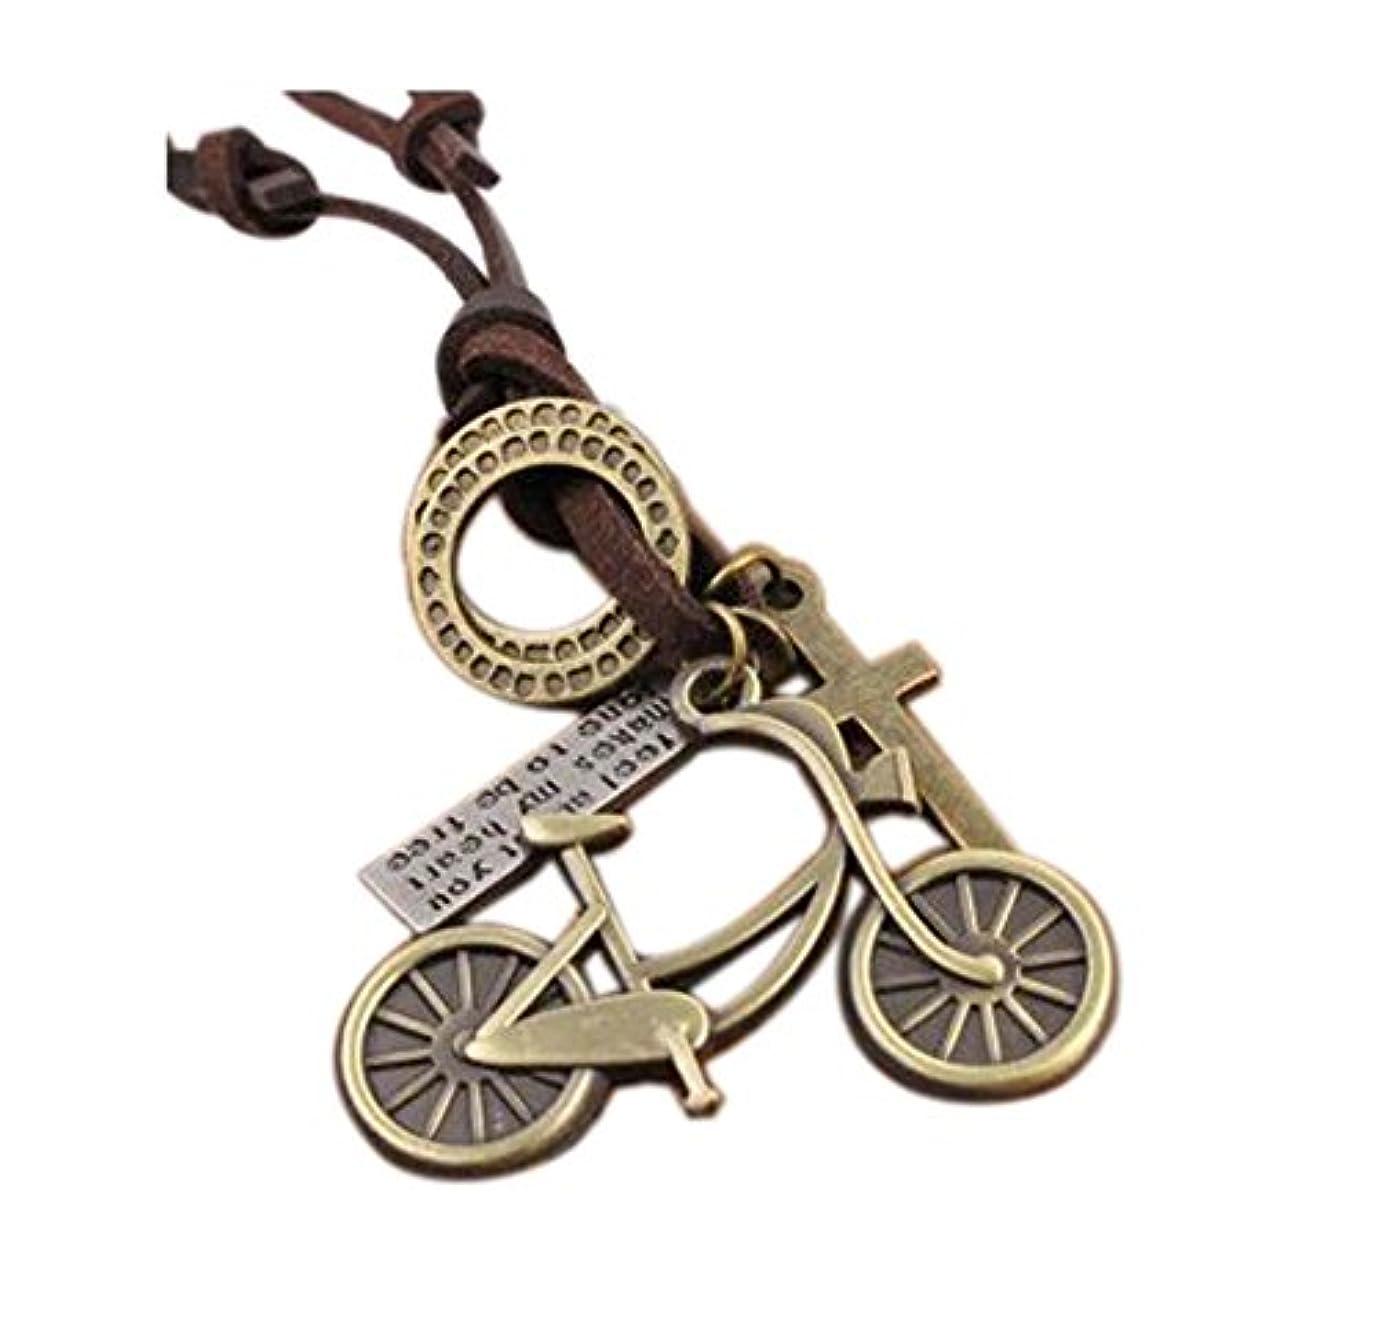 置くためにパック放棄拘束するレトロ芸術的な牛のレザーコードの自転車のペンダントネックレス2個